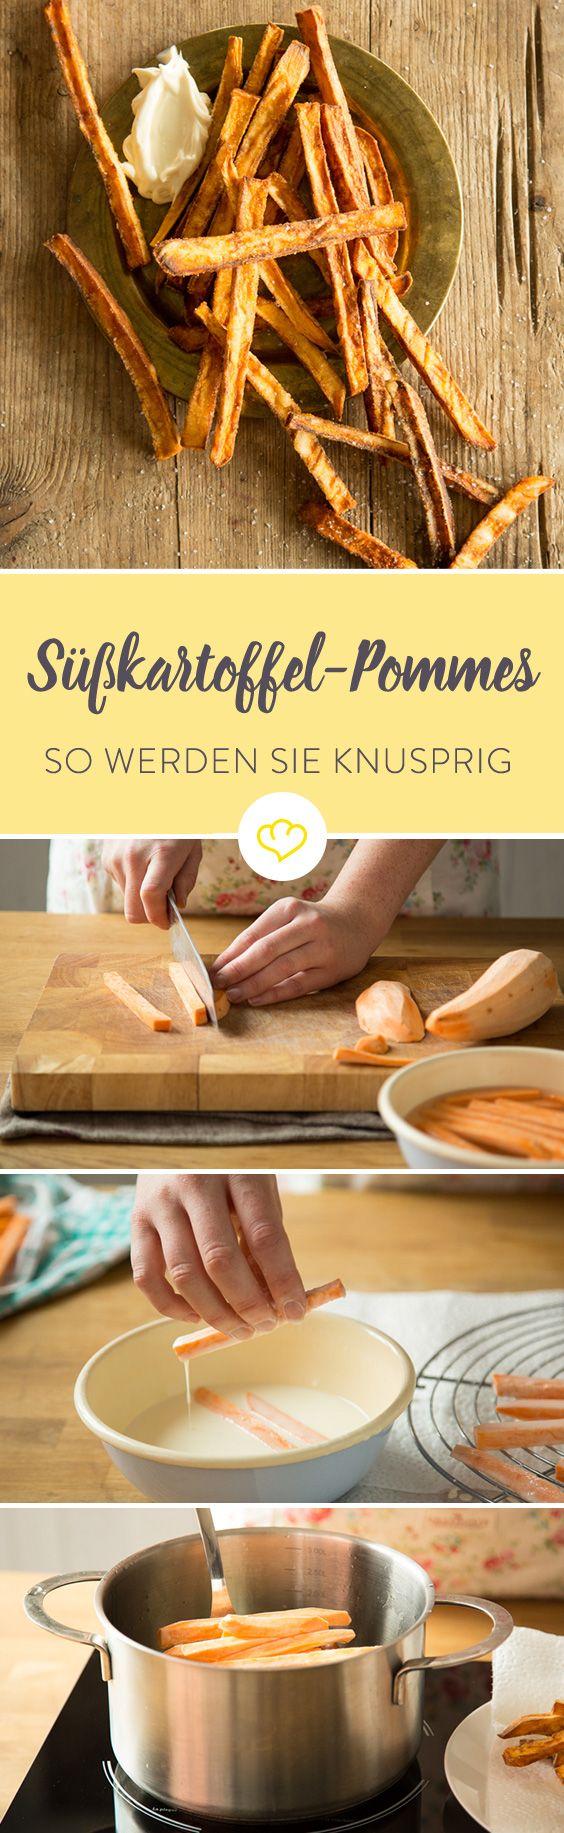 Wie wäre es zur Abwechslung mit knusprigen Pommes aus Süßkartoffeln? Einmal genascht, kann man nur ganz schwer seine Finger von ihnen lassen.